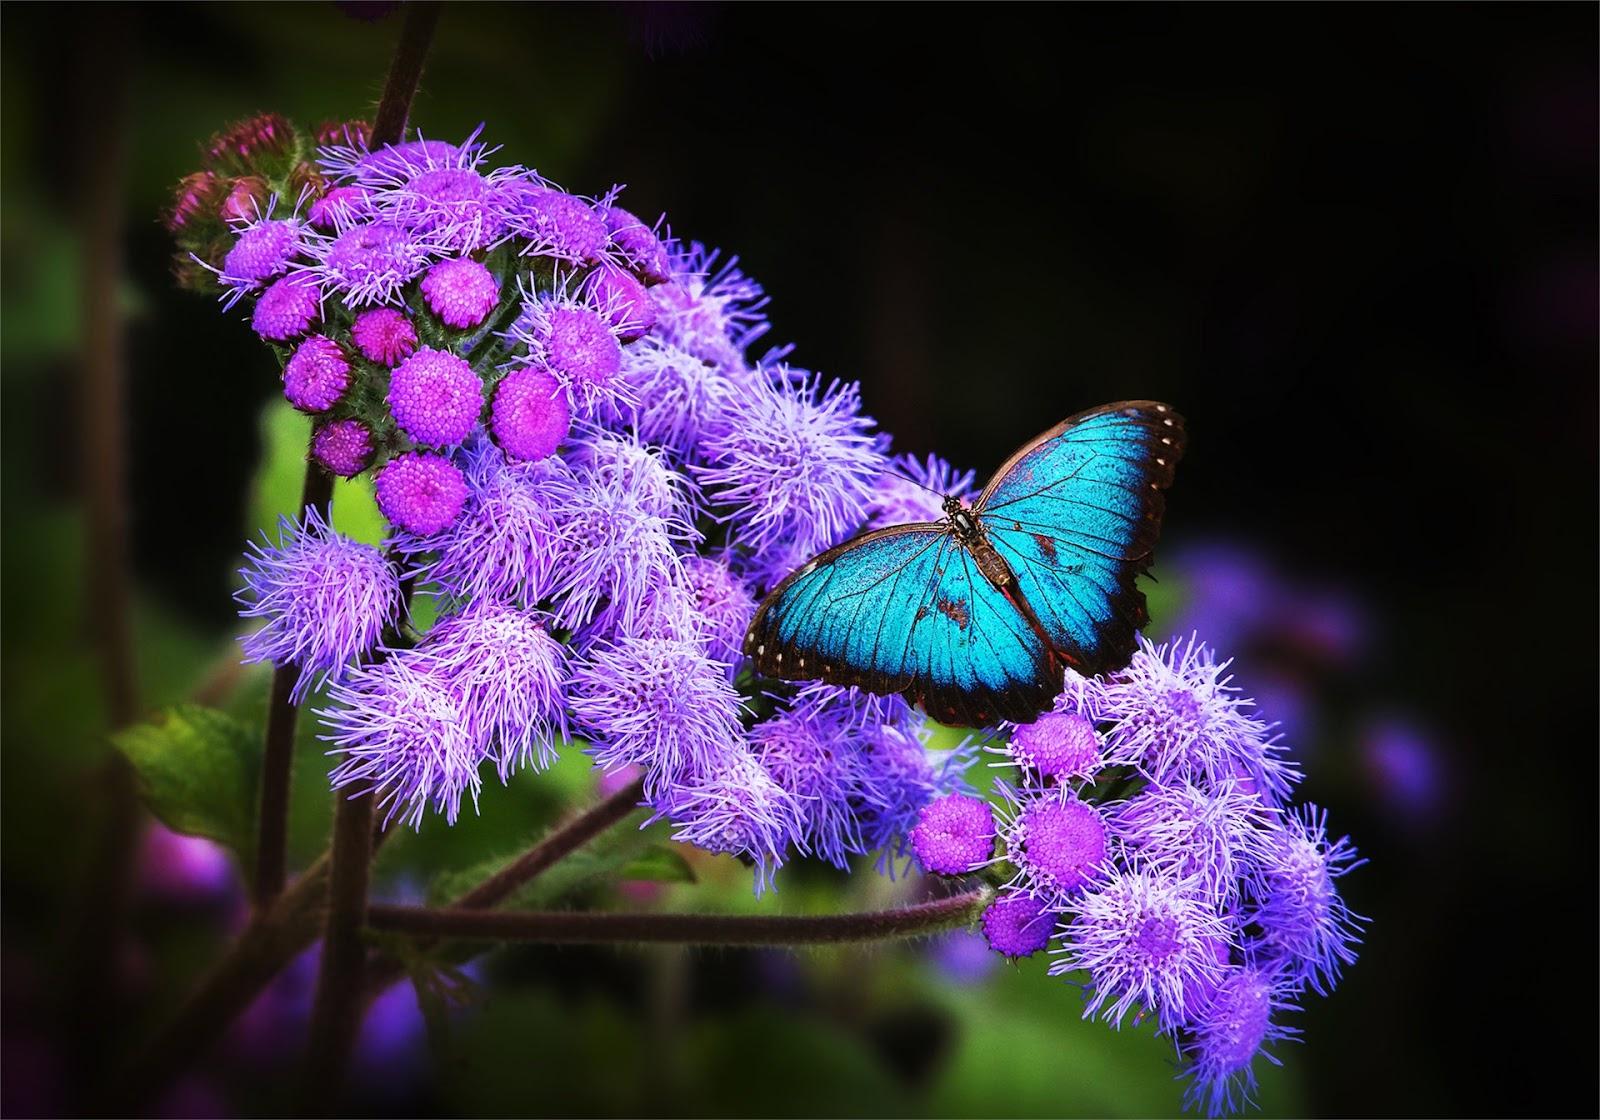 Fotografias De Mariposas Y Flores: BANCO DE IMÁGENES: 22 Imágenes Macro De Mariposas, Aves